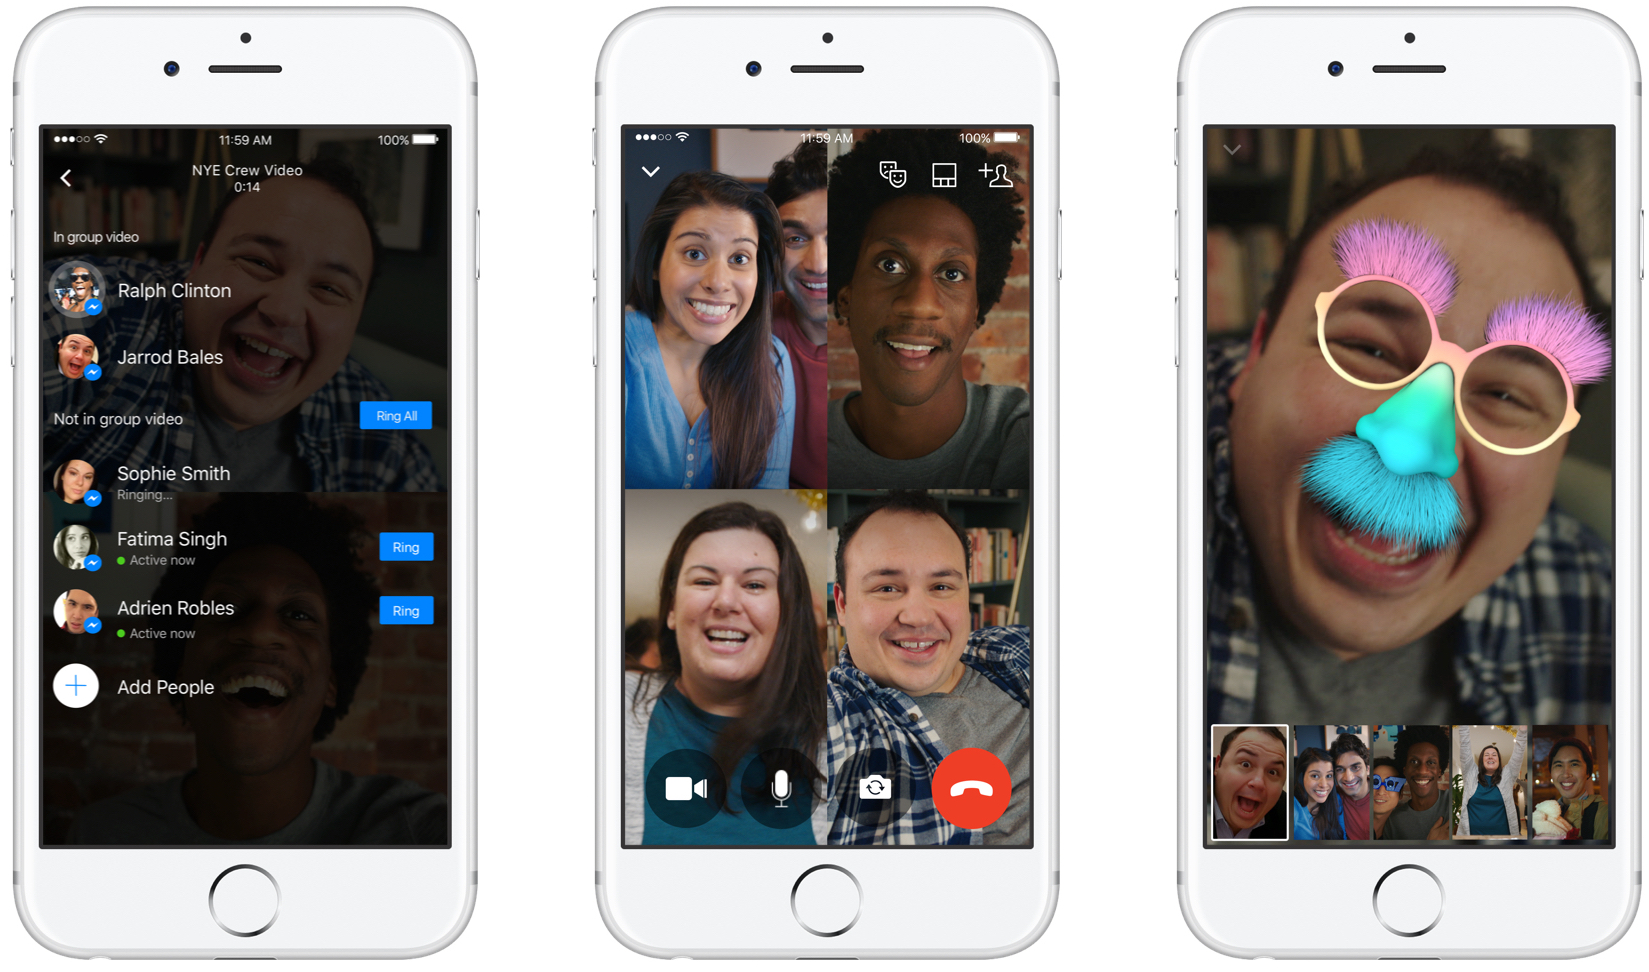 facebook-messenger-group-video-chat-iphone-screenshot-001